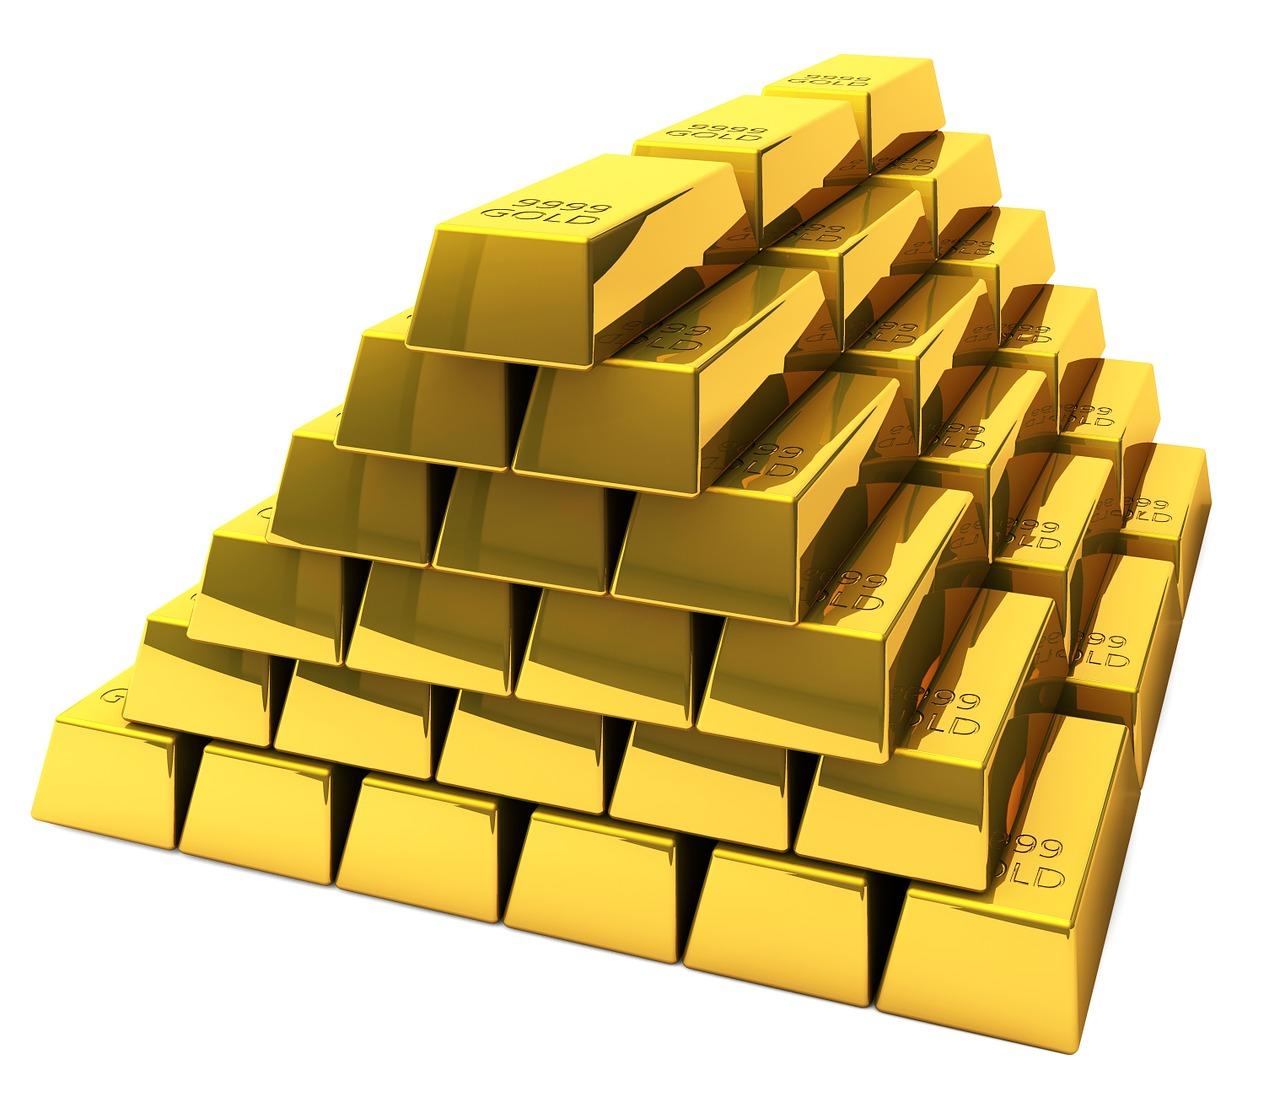 Wirklich günstig sind nur die ca. 12,5 kg schweren Good delivery goldabrren zu erwerben. Bei deren Betrachtung kommen die wenigsten um die Faszination Gold herum.